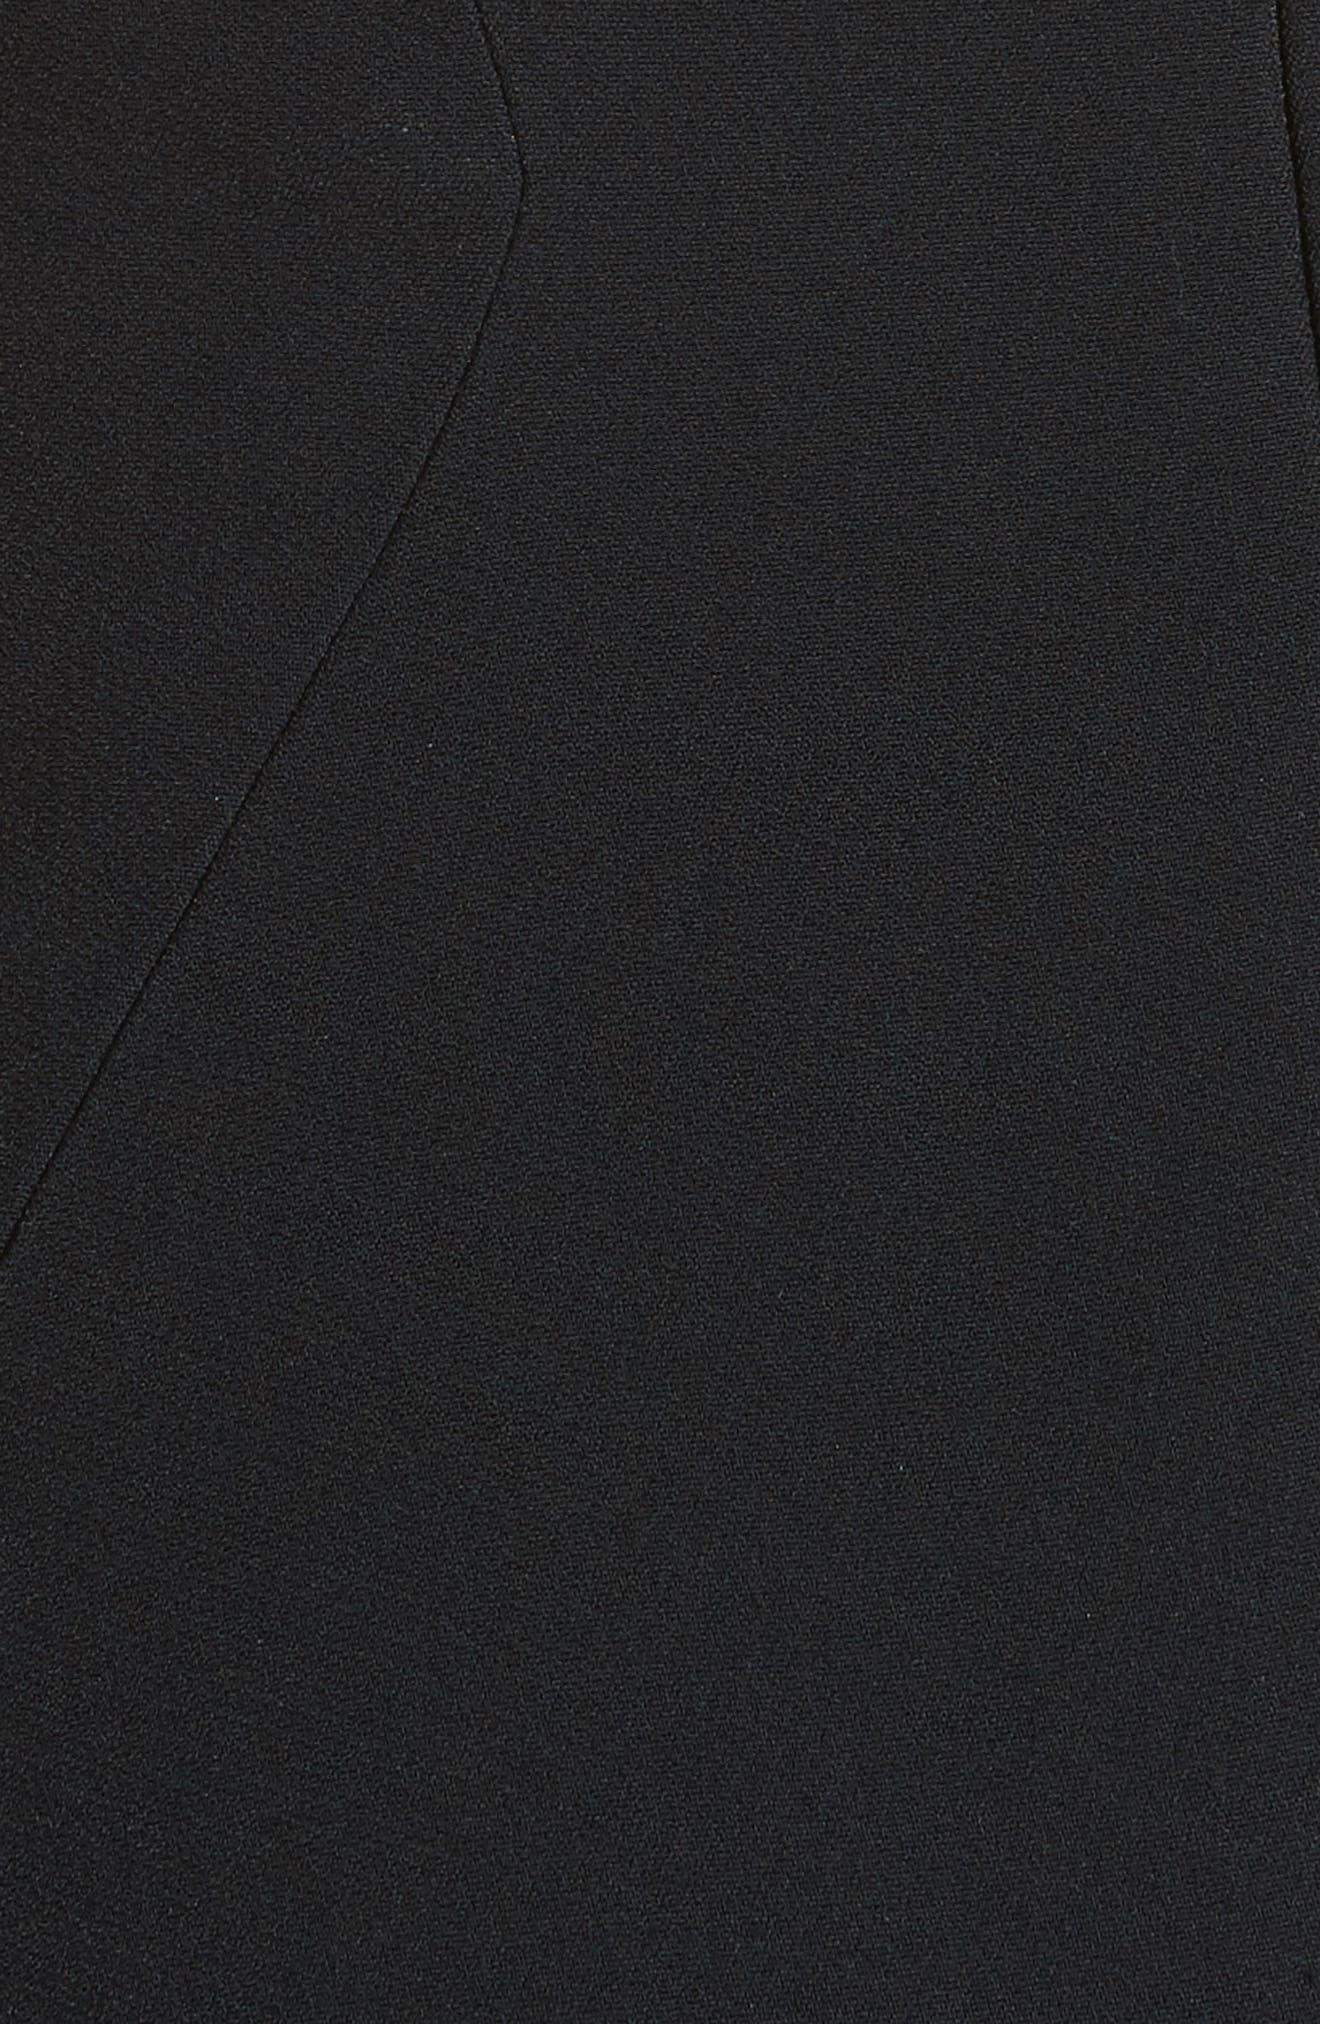 Embellished Stretch Crepe Off the Shoulder Gown,                             Alternate thumbnail 5, color,                             Black